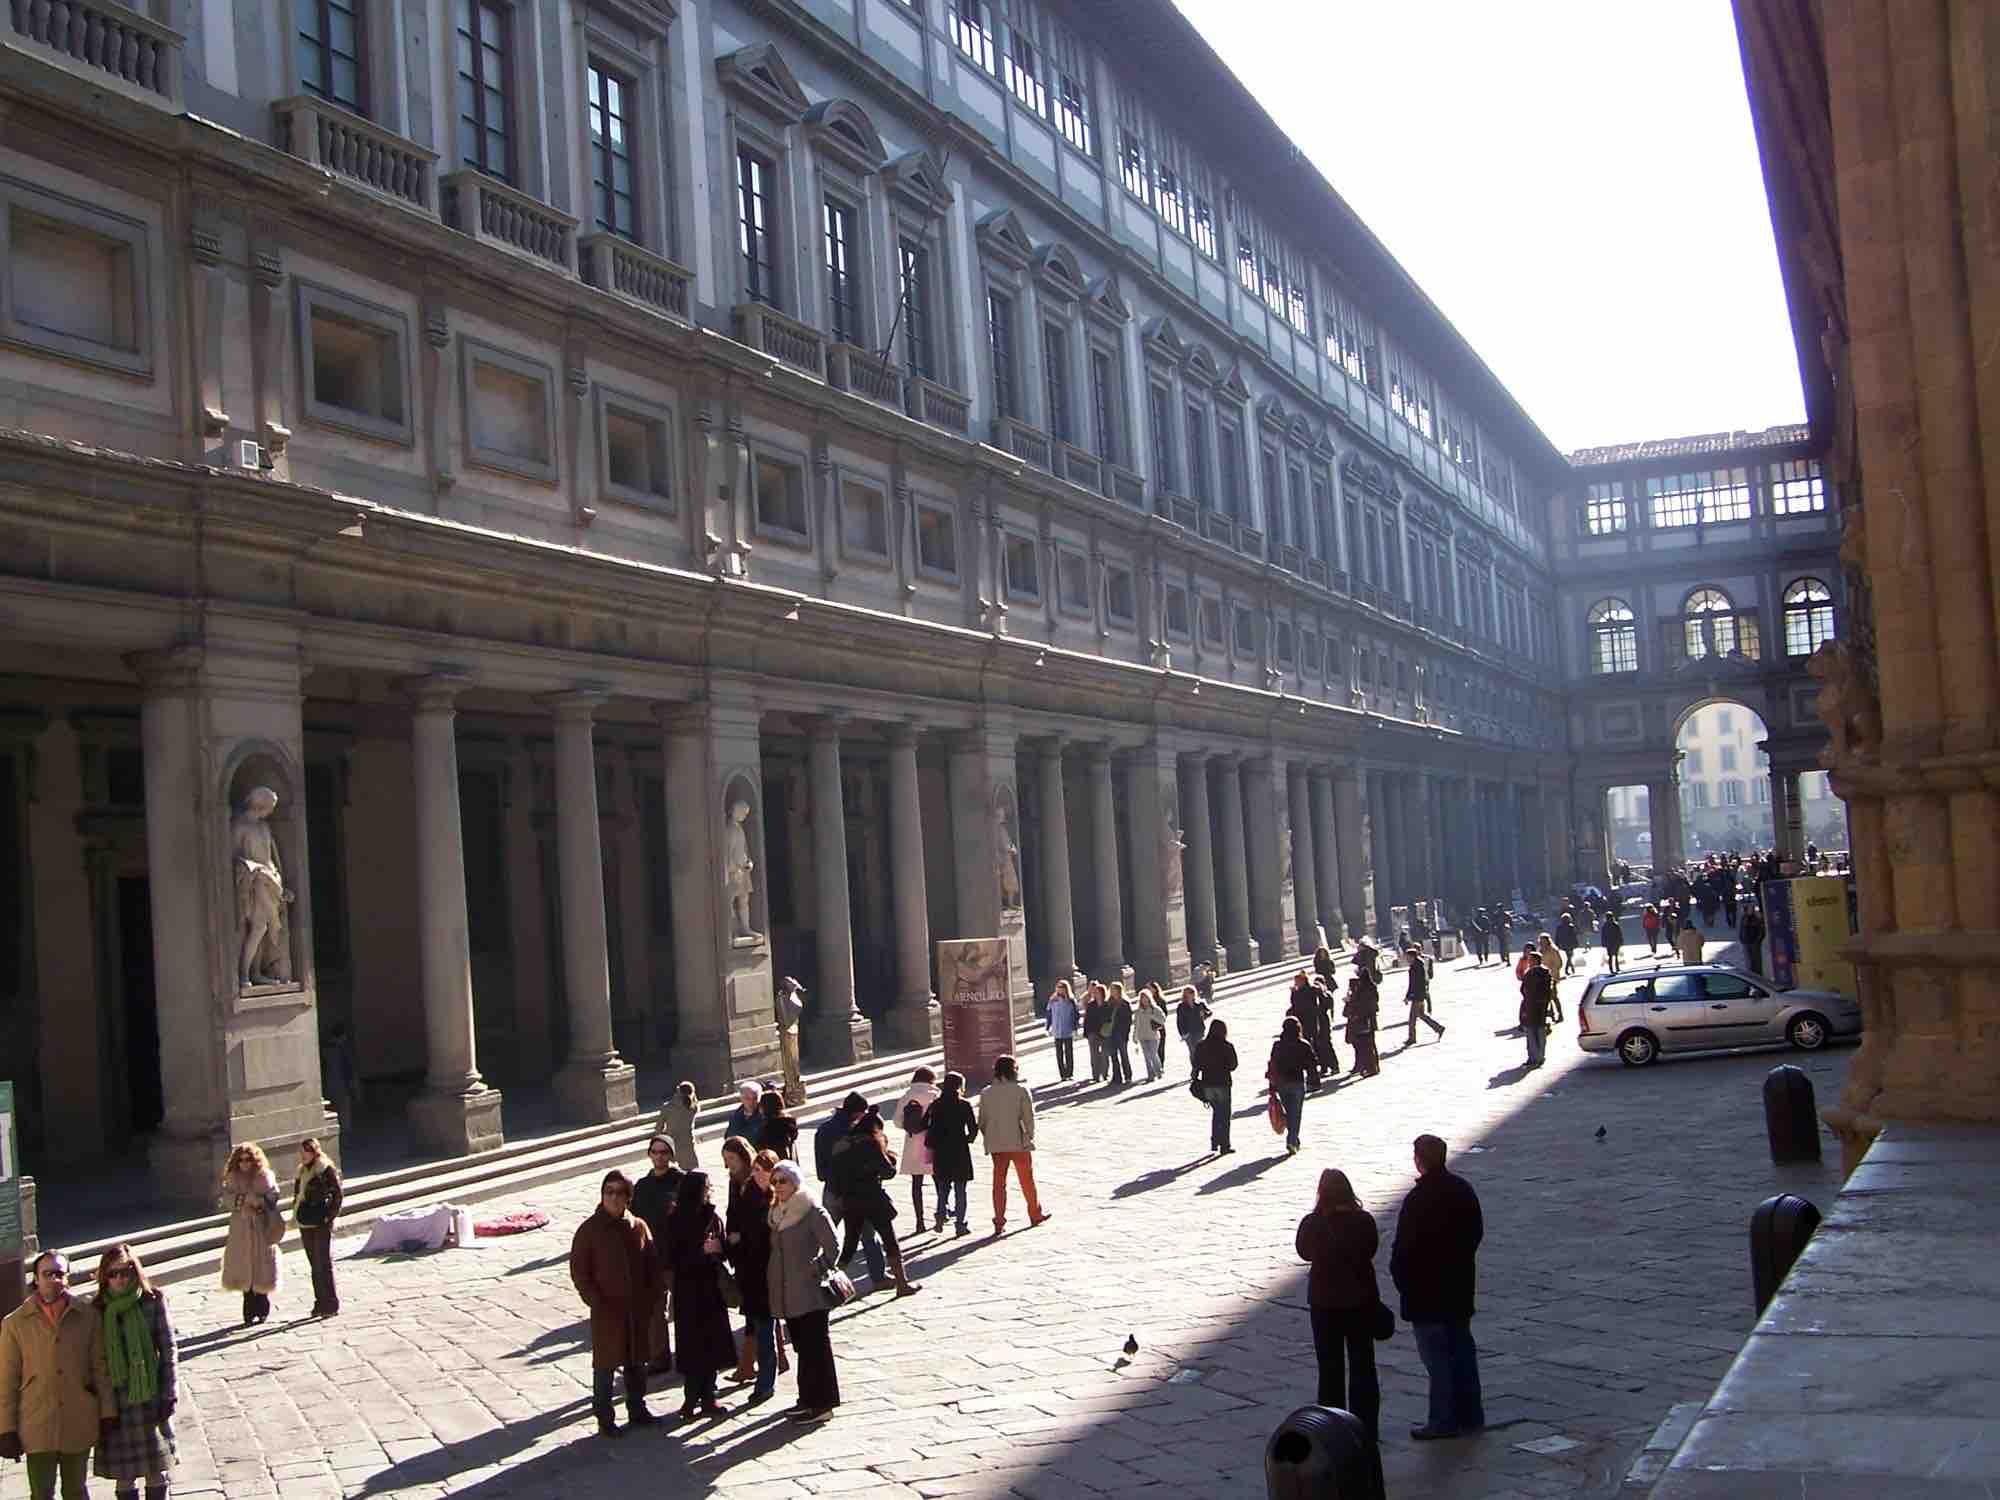 Galleria_degli_Uffizi_Florence